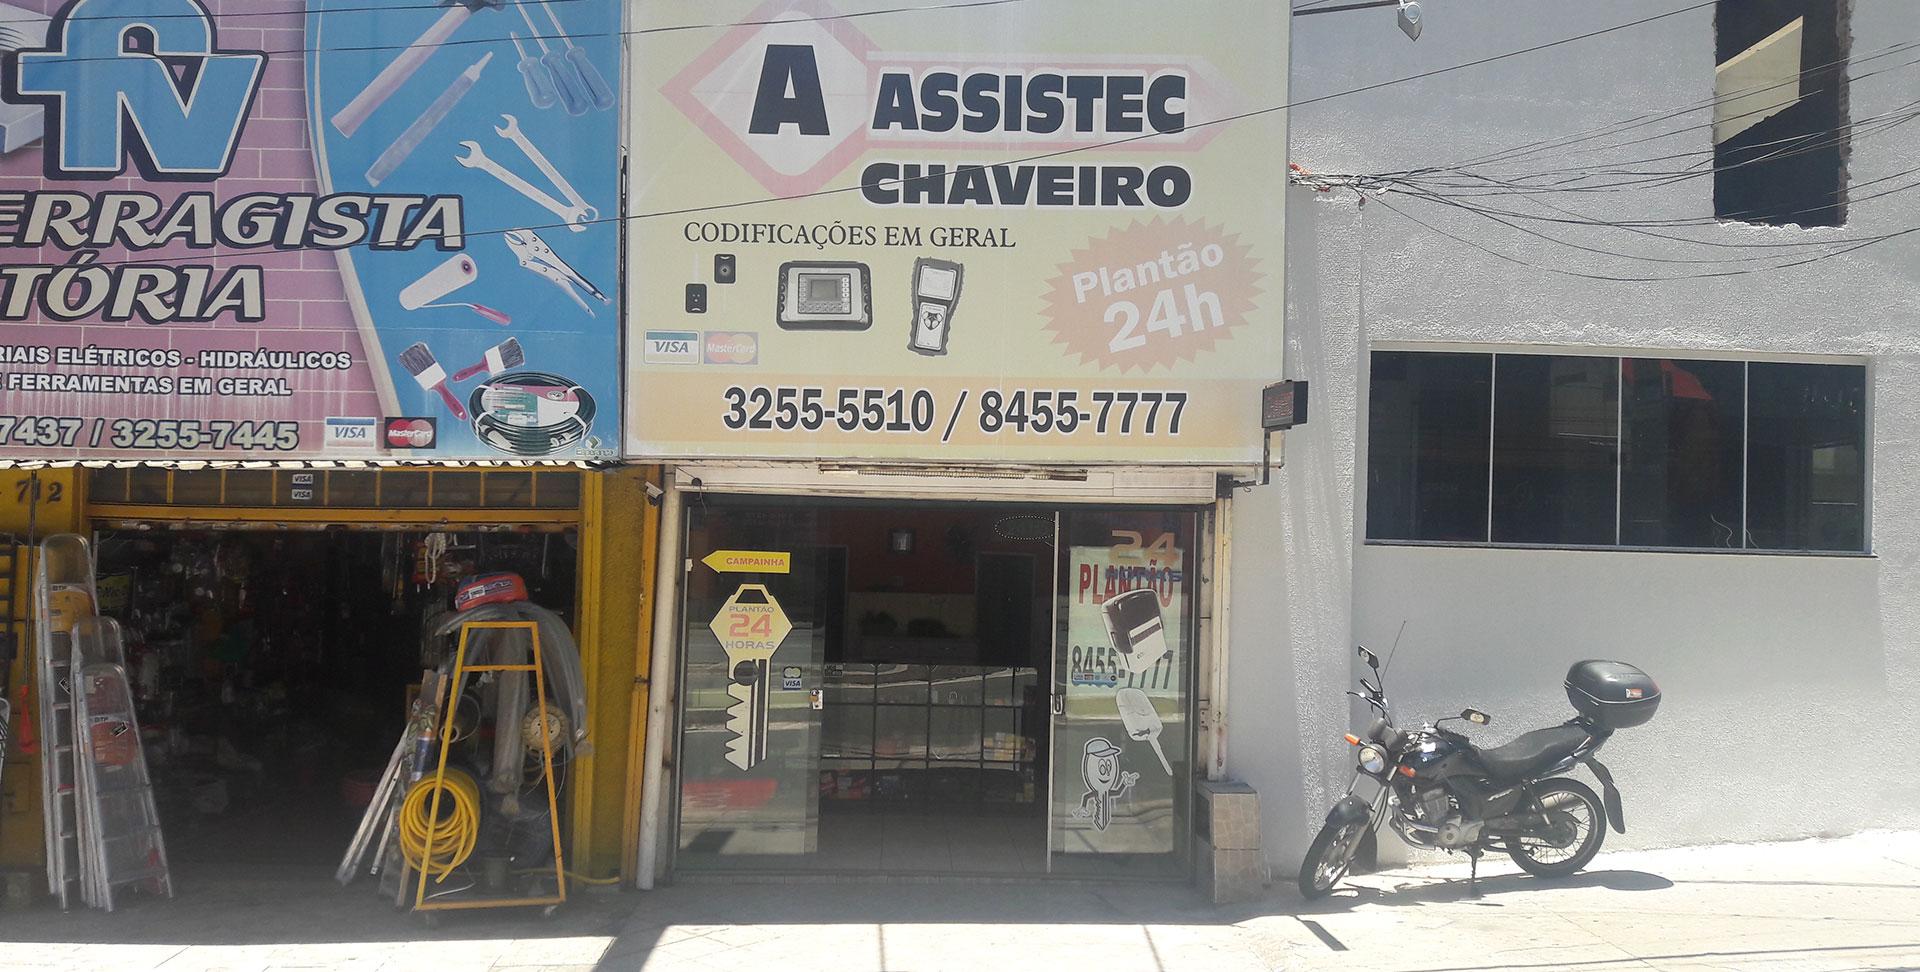 331f5a3b6b5d9 Chaveiro 24 horas no Parque Amazonas - A Assistec Chaveiro 24 Horas